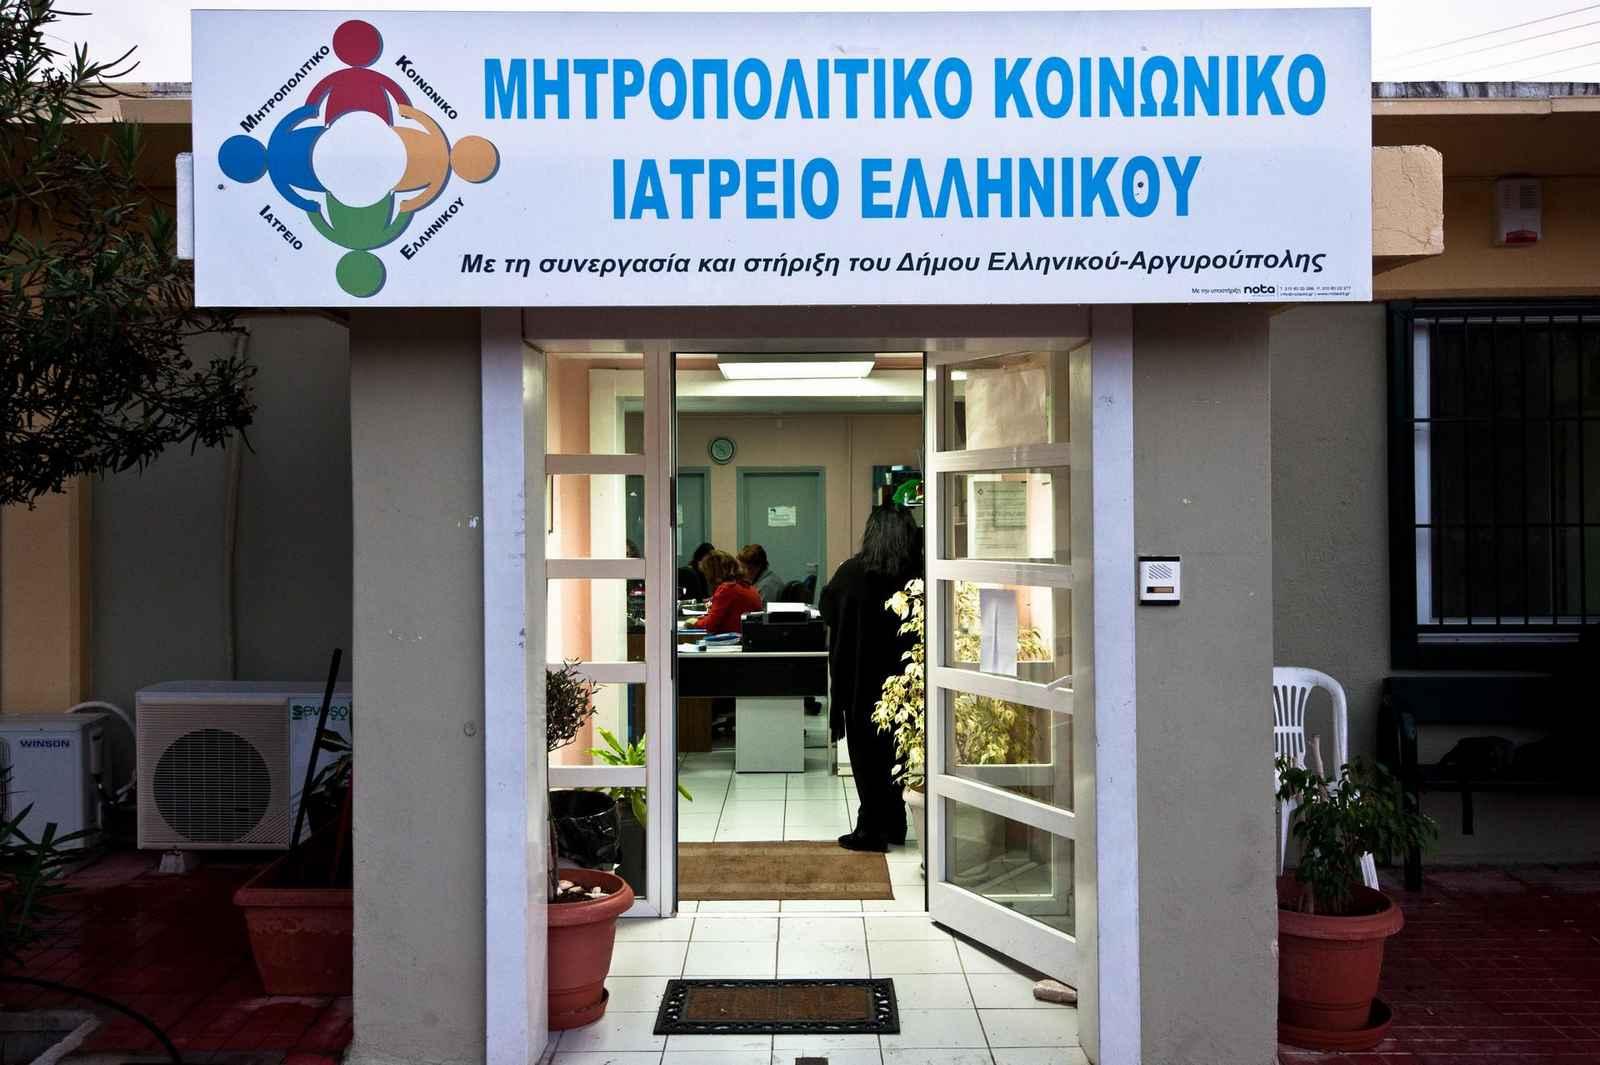 Metropolitan Community Clinic at Helliniko area, providing voluntary and free medical assistance to the uninsured and the poor, Athens, Greece, December 2014 / Ìçôñïðïëéôéêü Êïéíùíéêü Éáôñåßï Åëëçíéêü, åèåëïíôéêÞ ðñïóöïñÜ ðåñßèáëøçò óå Üðïñïõò êáé áíáóöÜëéóôïõò áóèåíåßò, ÁèÞíá, ÄåêÝìâñéïò 2014